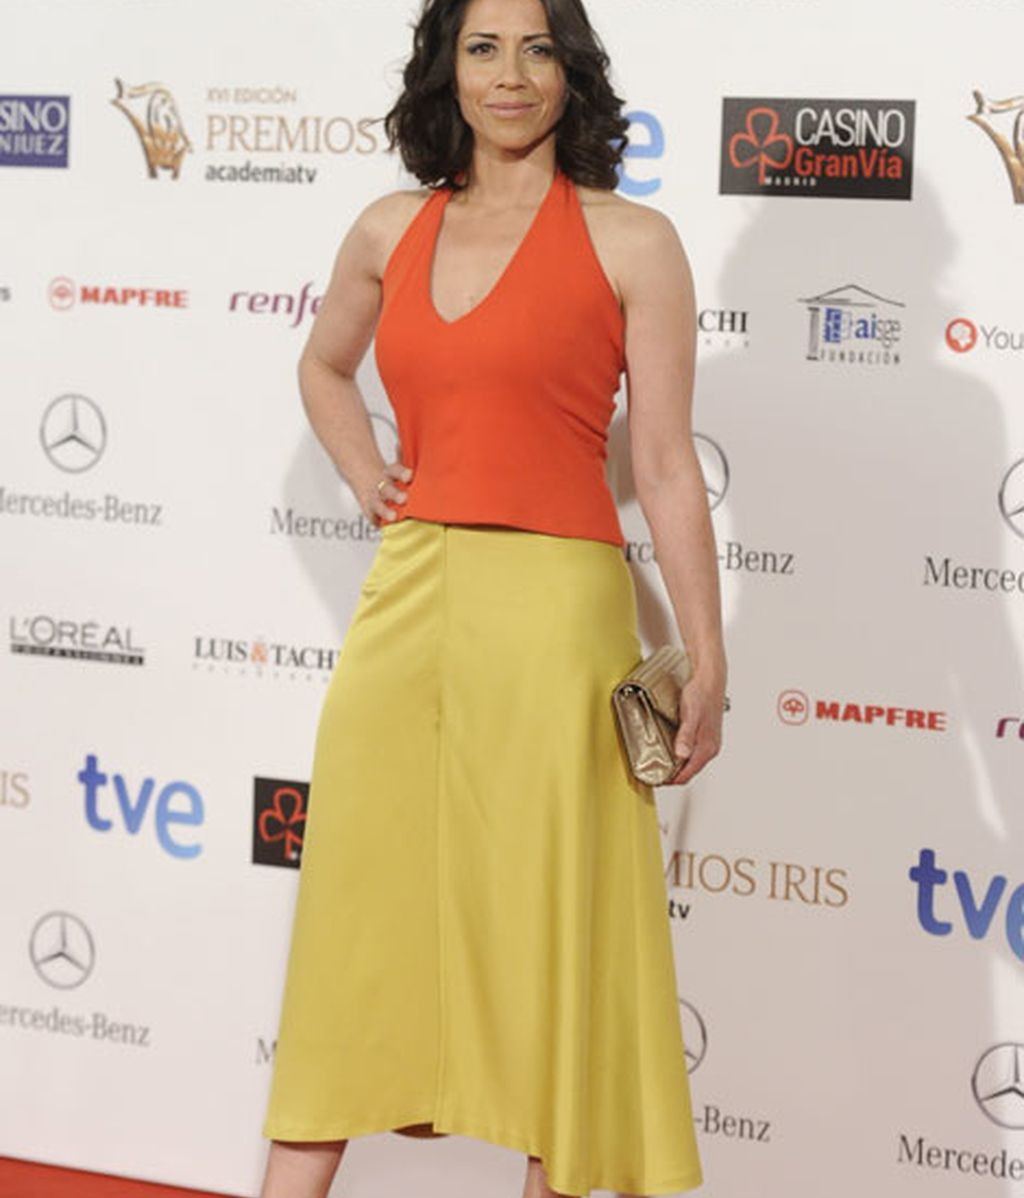 La actriz Alicia Borrachero fue una de las asistentes a los Premios Iris